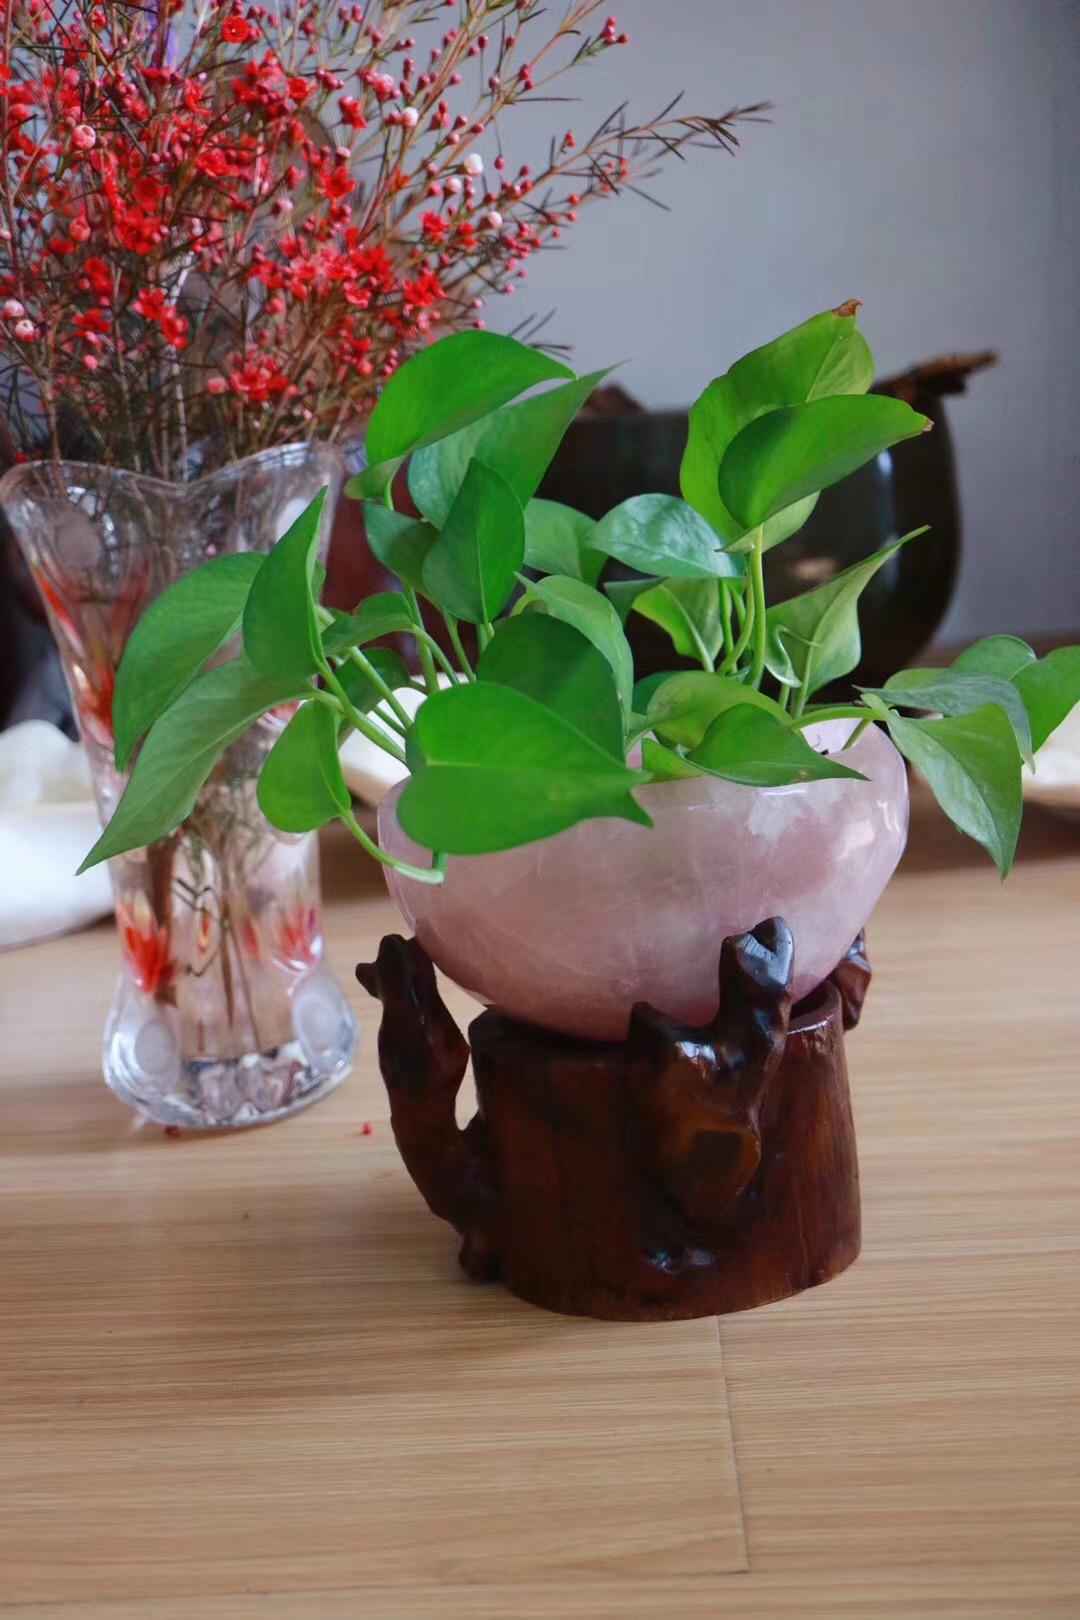 【粉晶聚宝盆】有助于为空间塑造温馨甜蜜充满爱的磁场-菩心晶舍